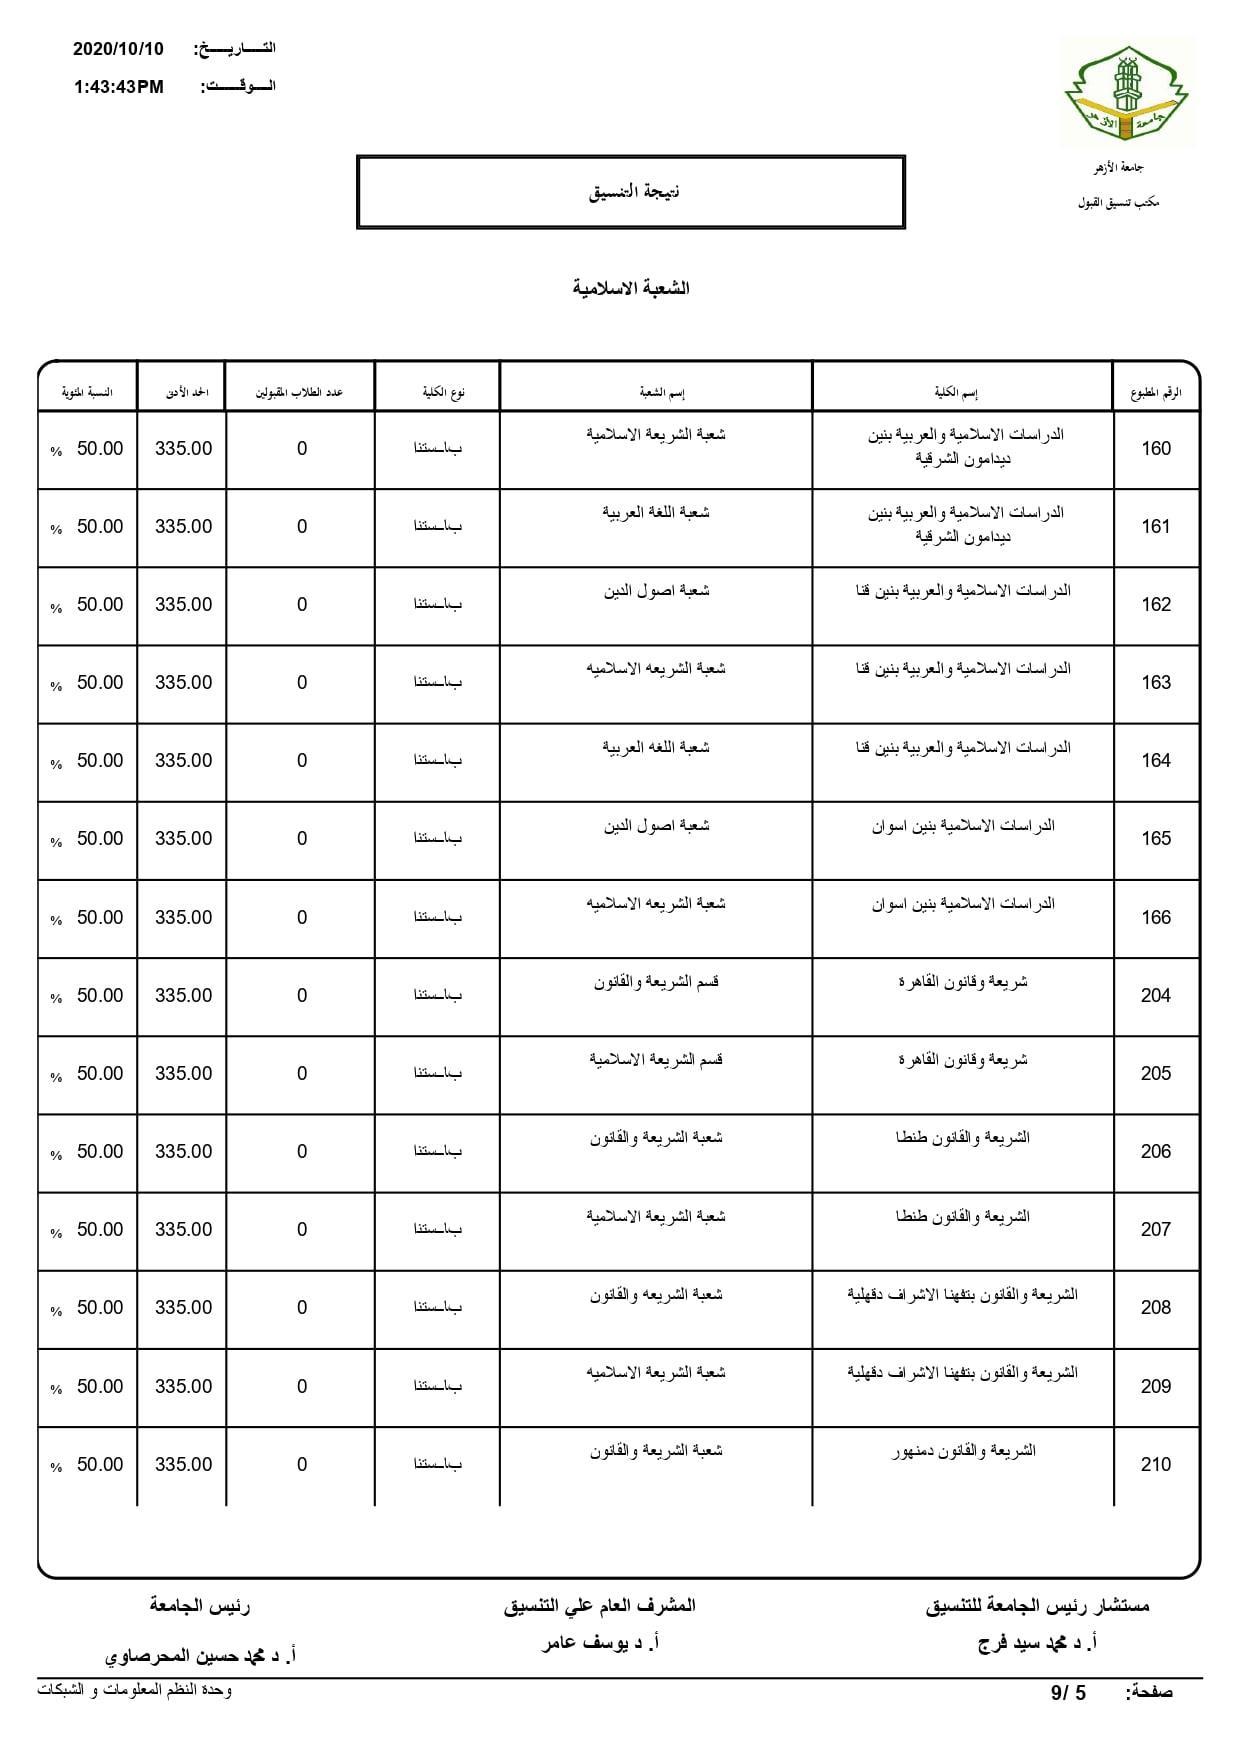 نتيجة تنسيق كليات جامعة الأزهر لعام 2020 بالكامل 20201010195823417